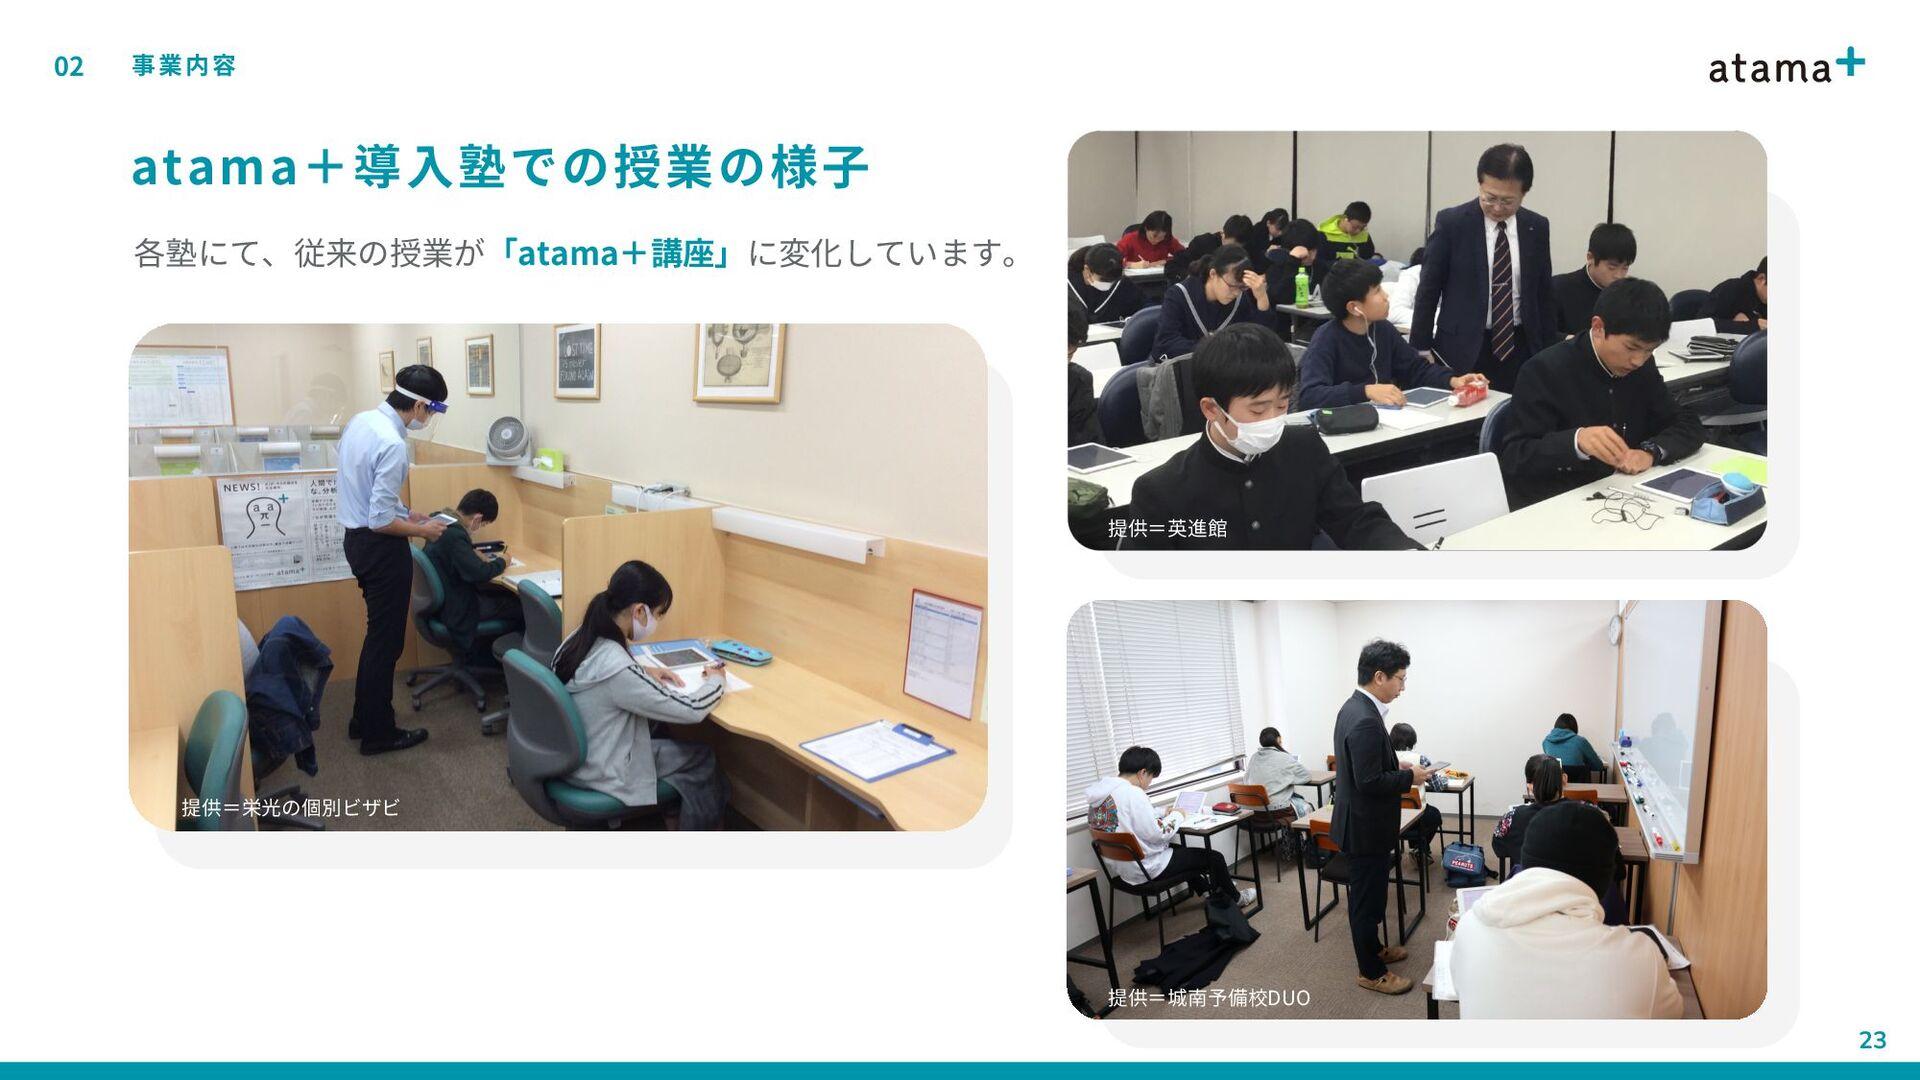 atama+導入塾での授業の様子 02 事業内容 22 各塾にて、従来の授業が「atama+講...